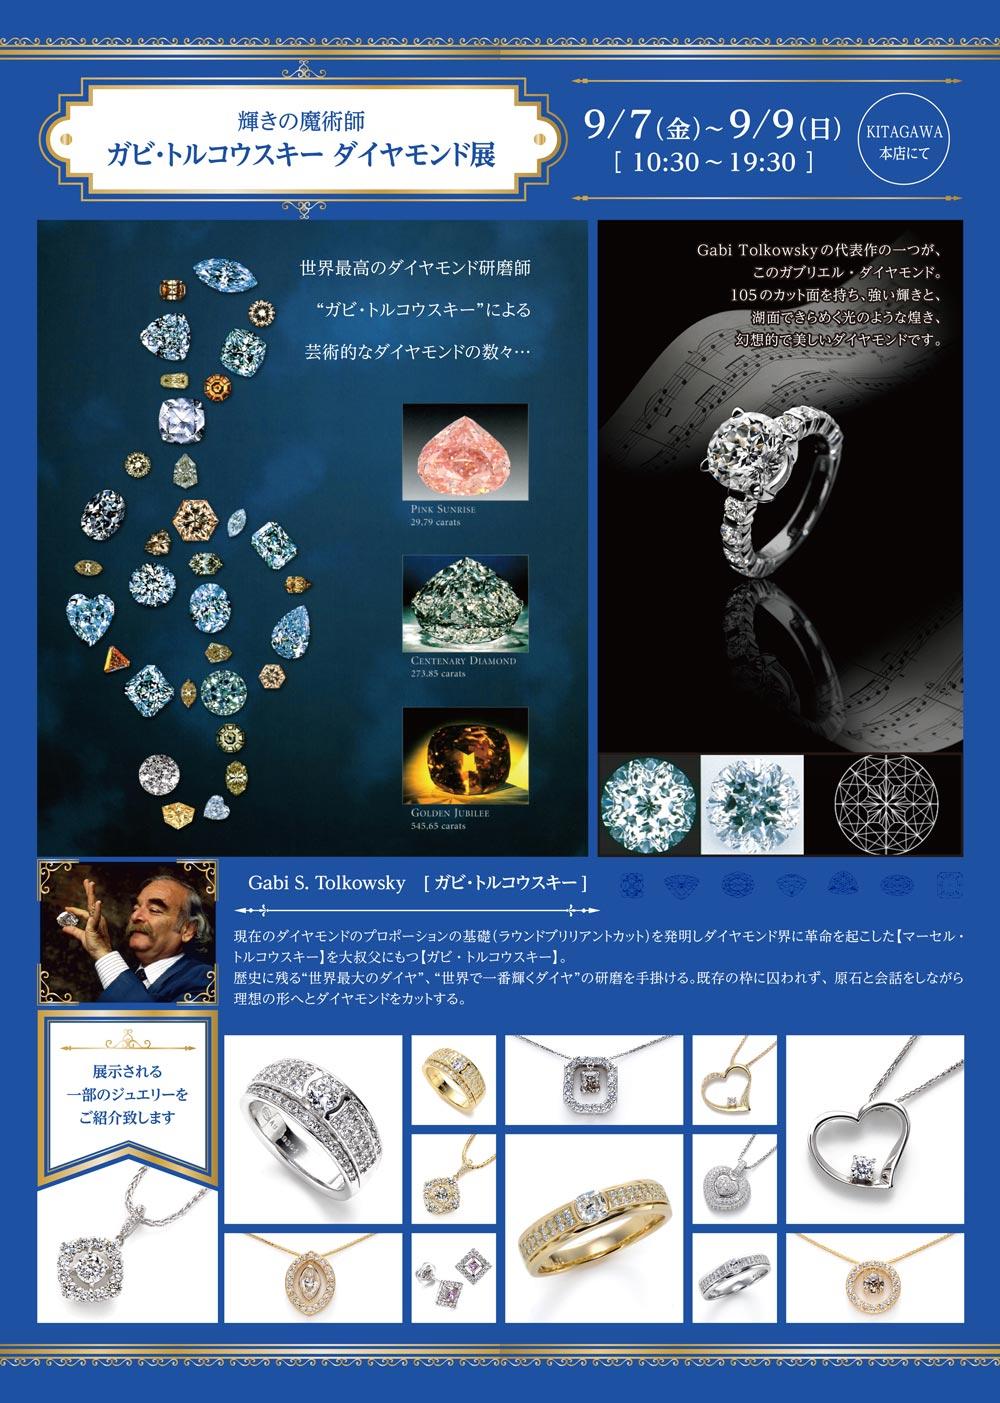 静岡きたがわ宝石のガビ・トルコウスキーダイヤモンド展